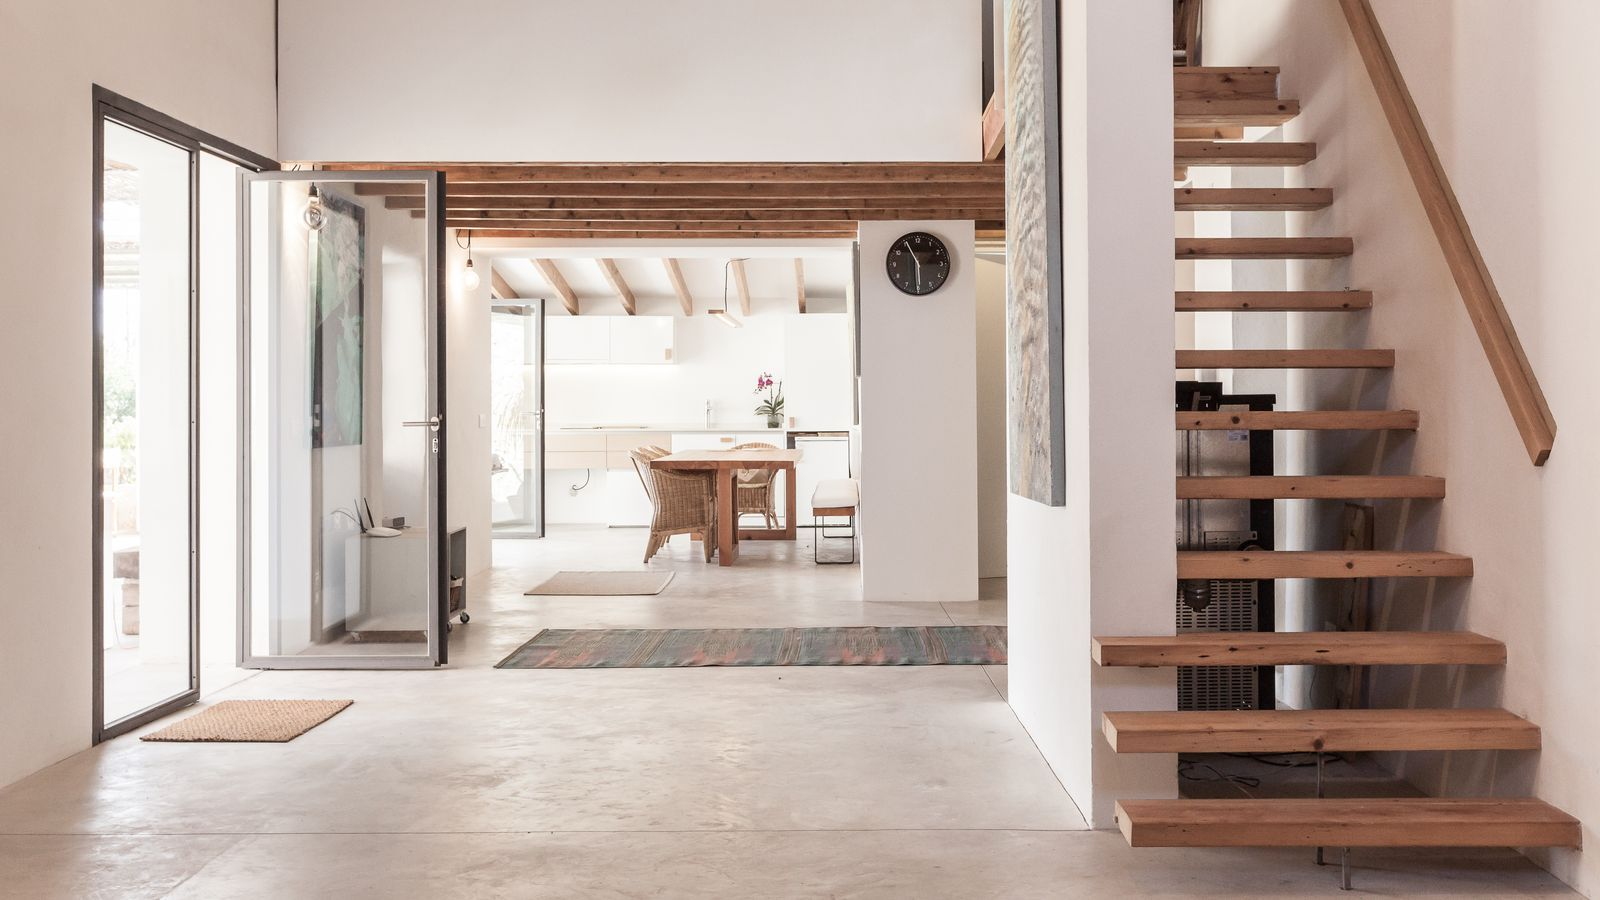 L'equip de Munarq, dirigit pels arquitectes Rafel Munar i Pau Munar, a l'hora d'afrontar la reforma de Can Valls, va optar per preservar i estendre l'estructura de la casa existent i reformar uns interiors que van guanyar lluminositat i una gran connectivitat entre els que ara són espais amples i de doble alçada